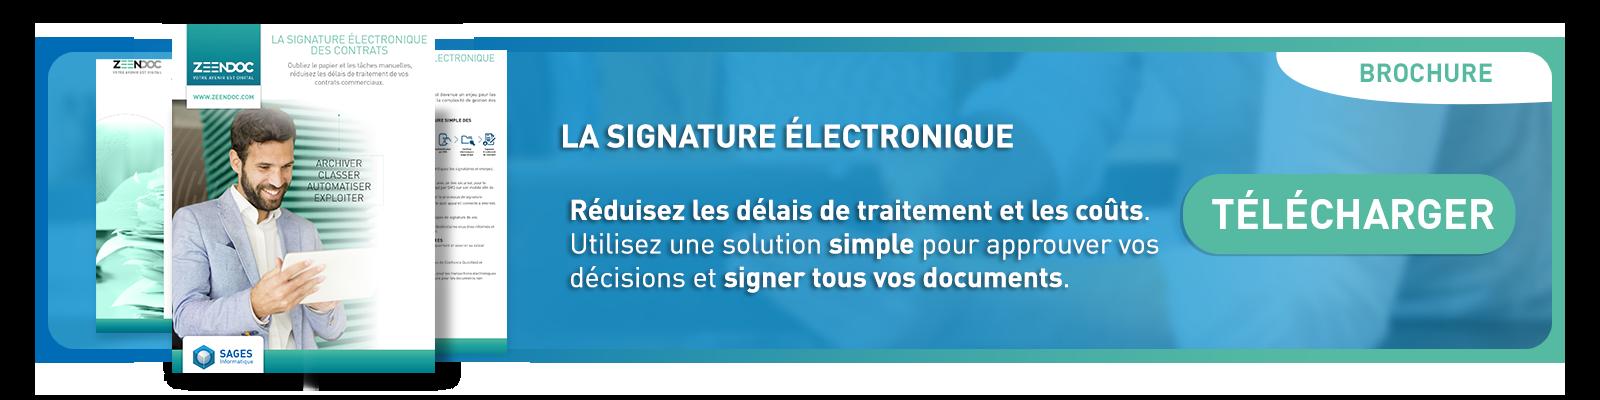 la-signature-électronique